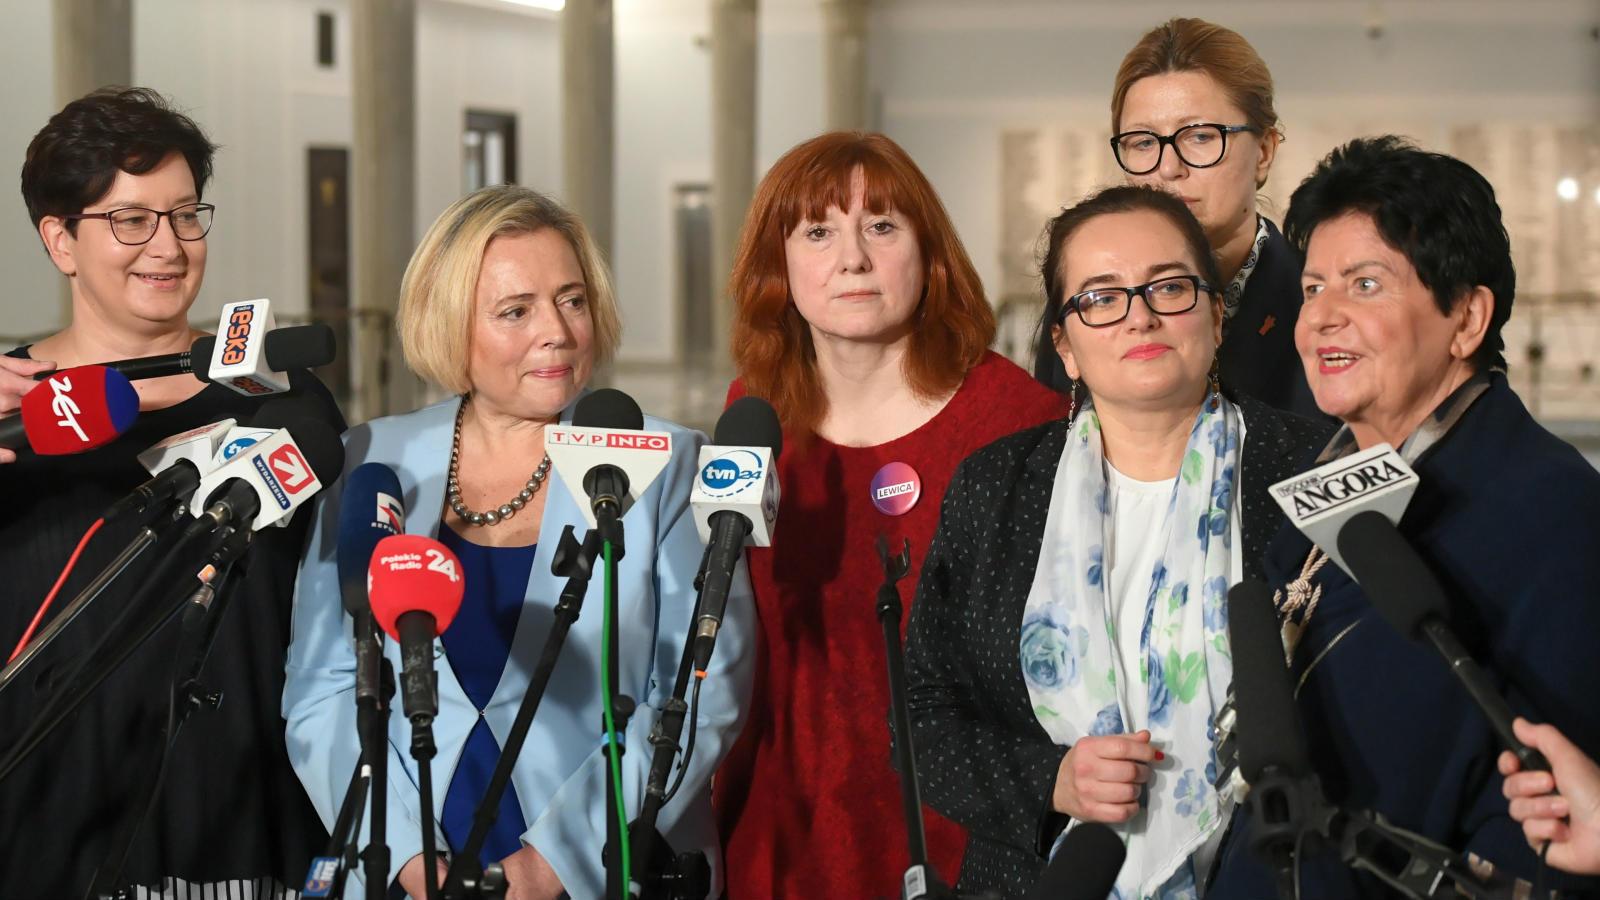 20.11.2019 | Posłanki u marszałkini. Chcą wprowadzenia żeńskich końcówek